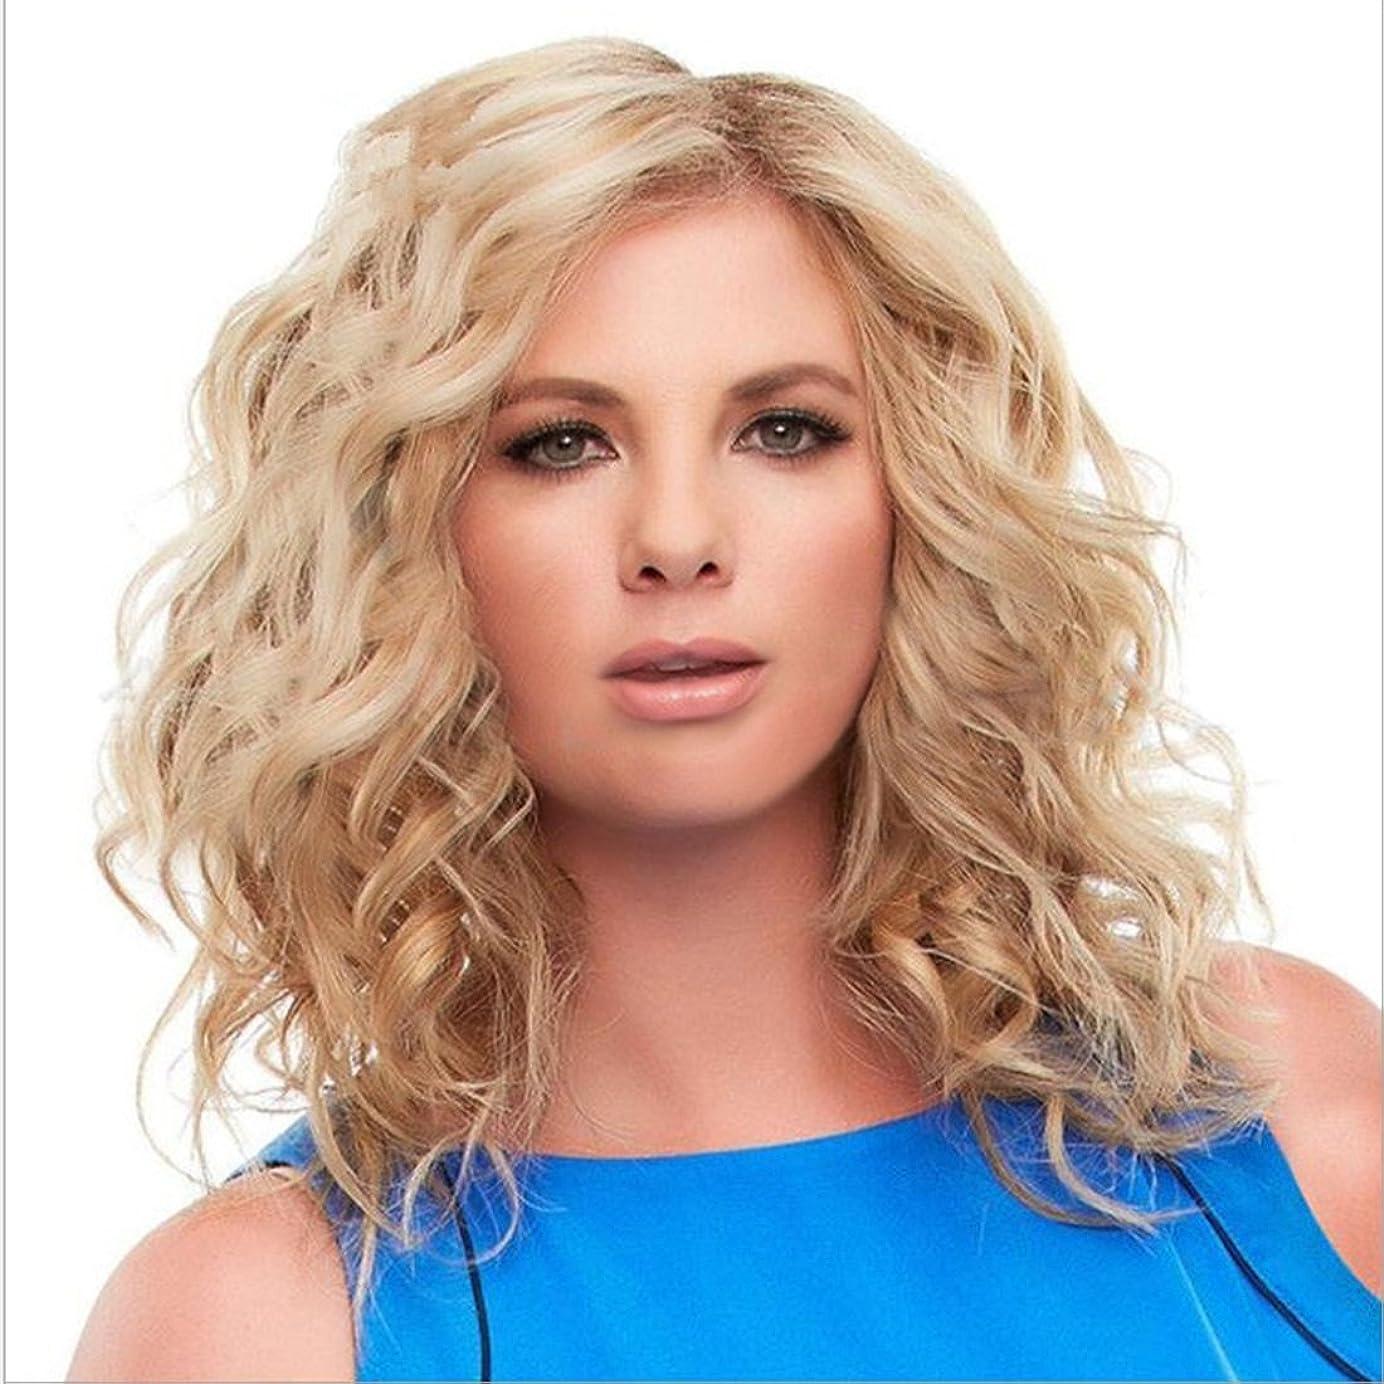 恐怖症飲食店噴出するJIANFU 化学繊維女性のウィッグ若々しい女性のための長いカーリーナチュラルカラーウィッグミドルバンズ毛の耐熱ウィッグ長さ65cm (Color : 金色)